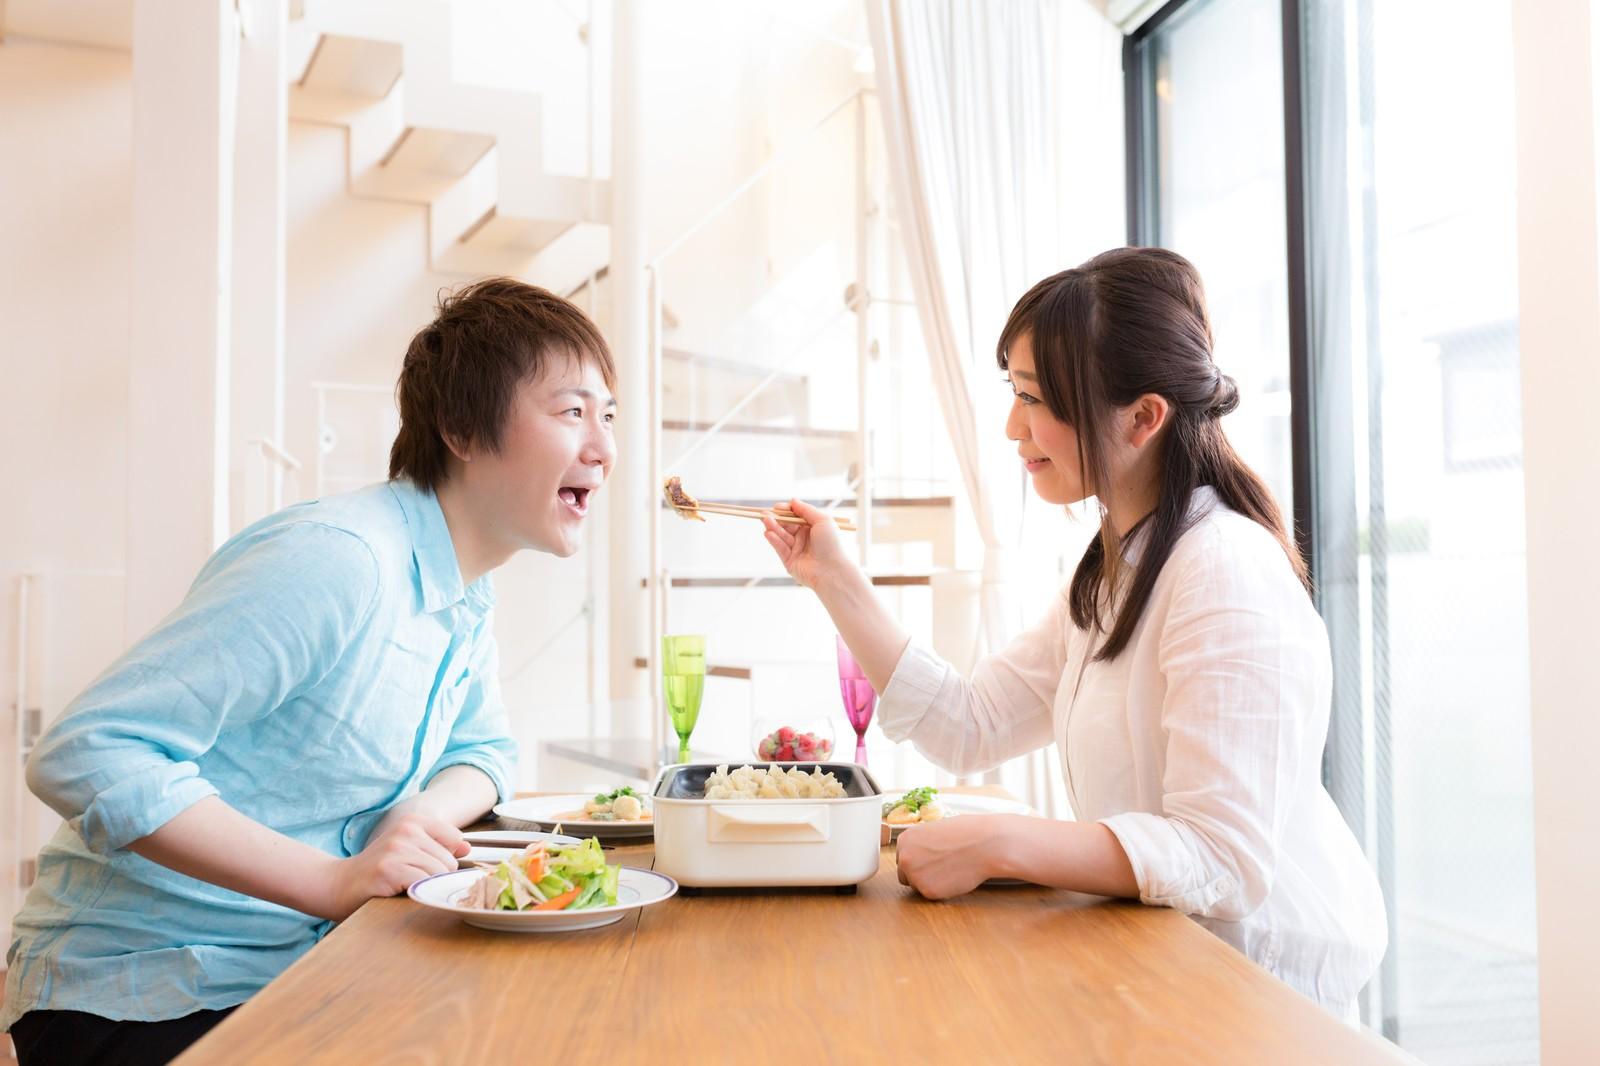 周囲への配慮・気配りができない女性は結婚相手に向かない